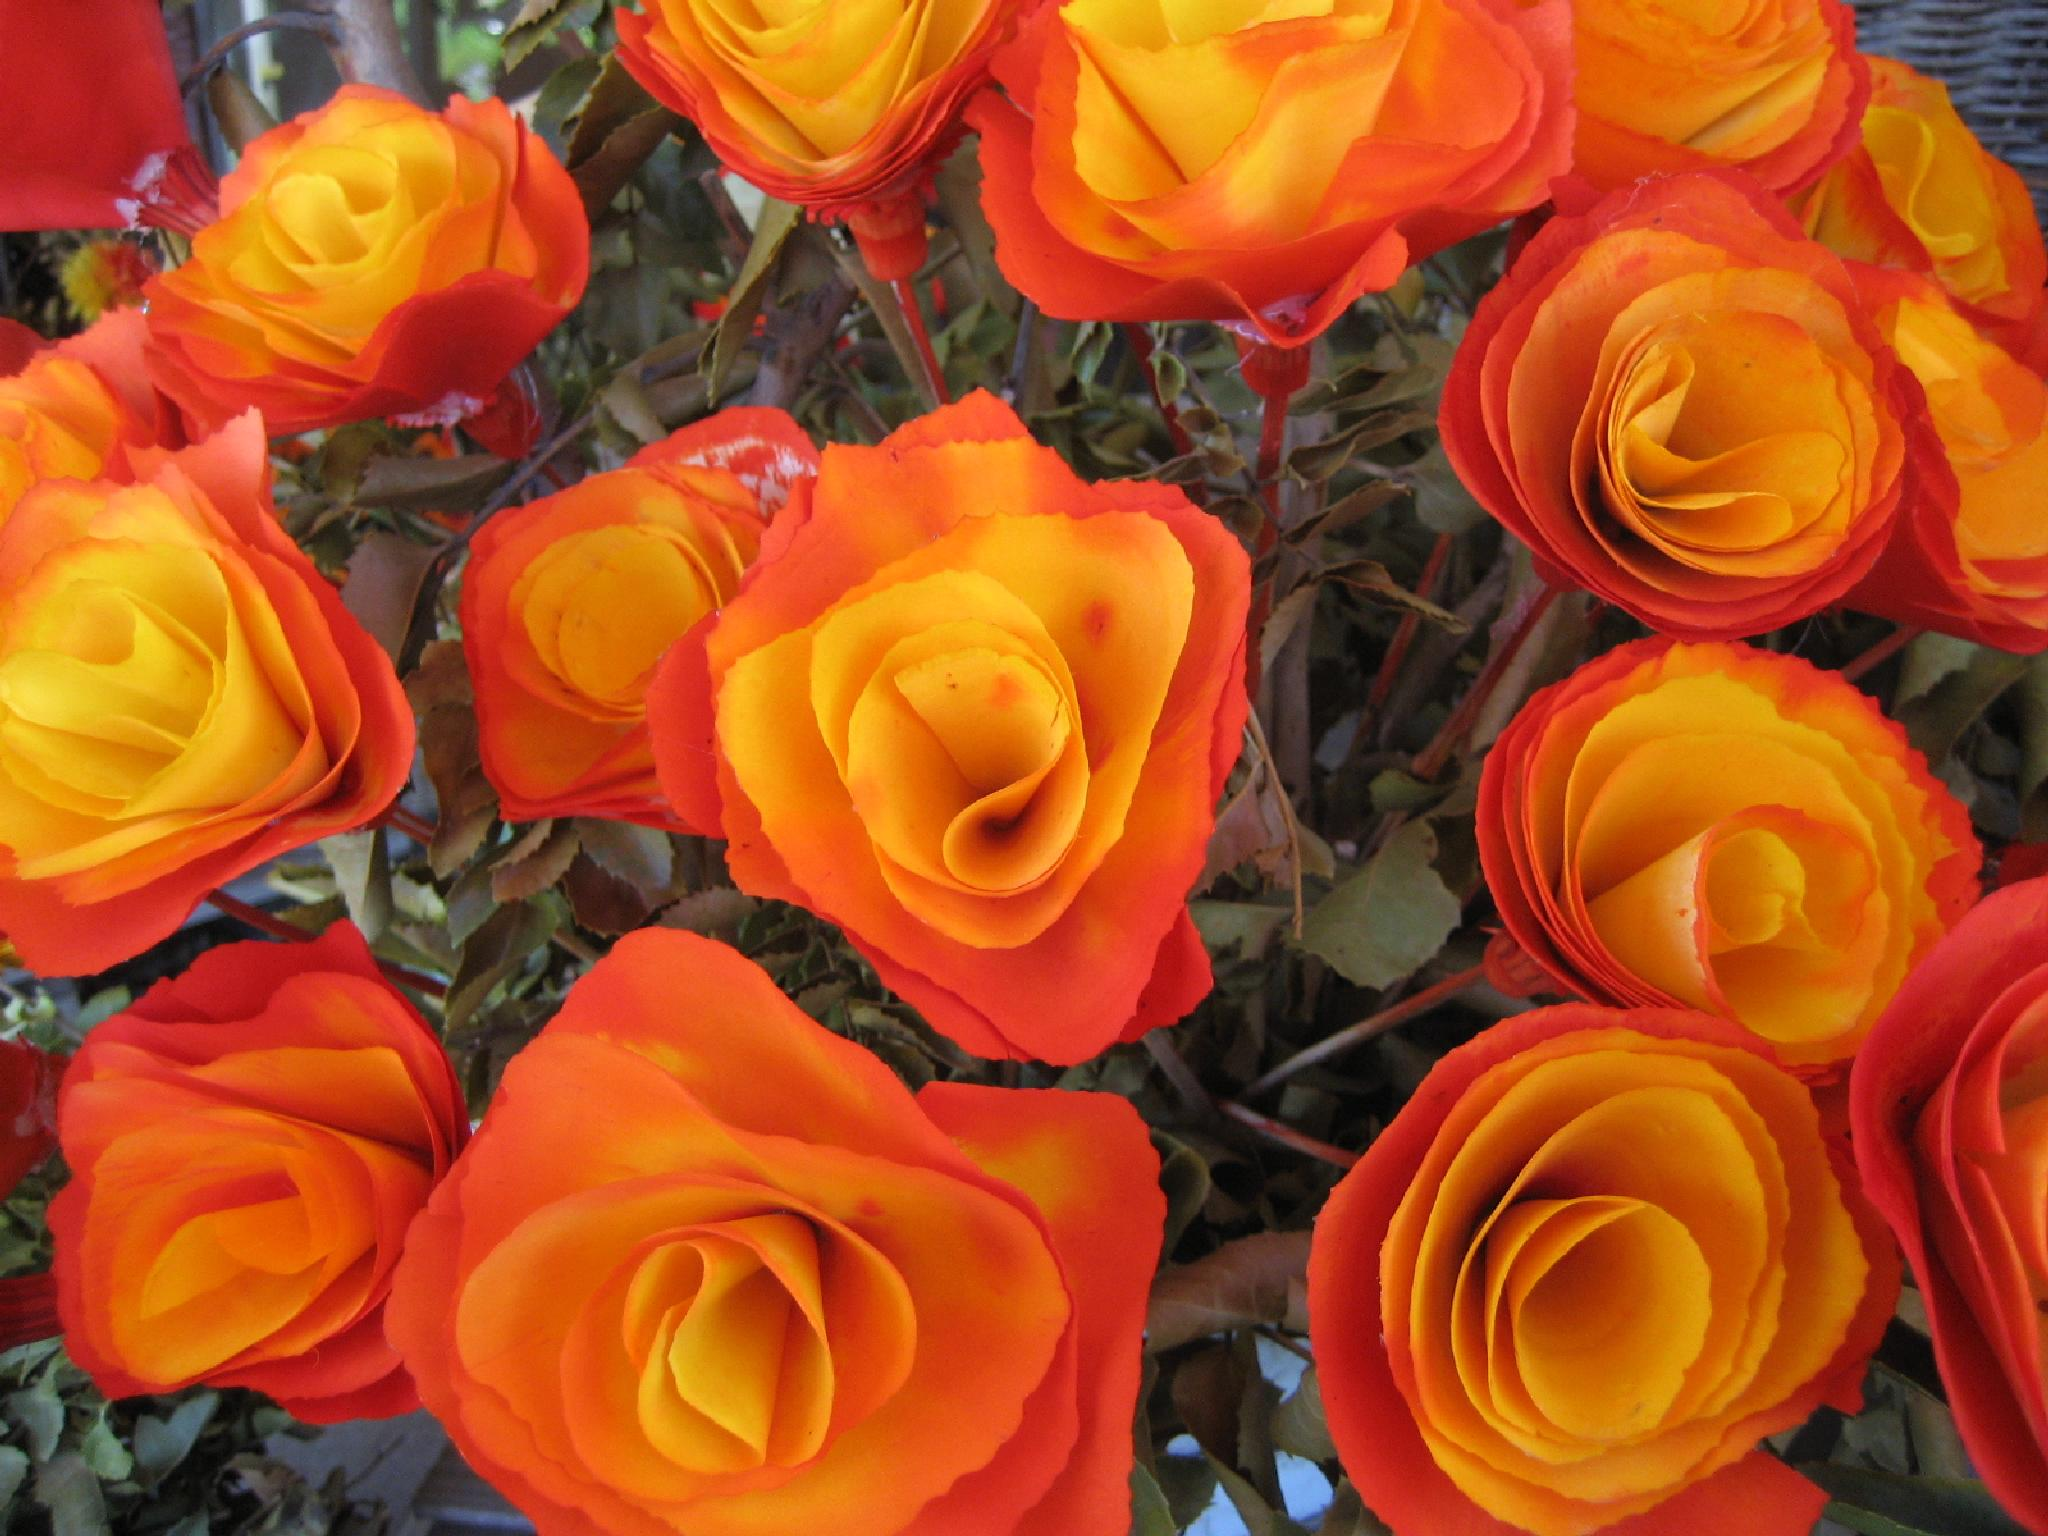 Flors de fusta a Pucón (Chile) by bescosx